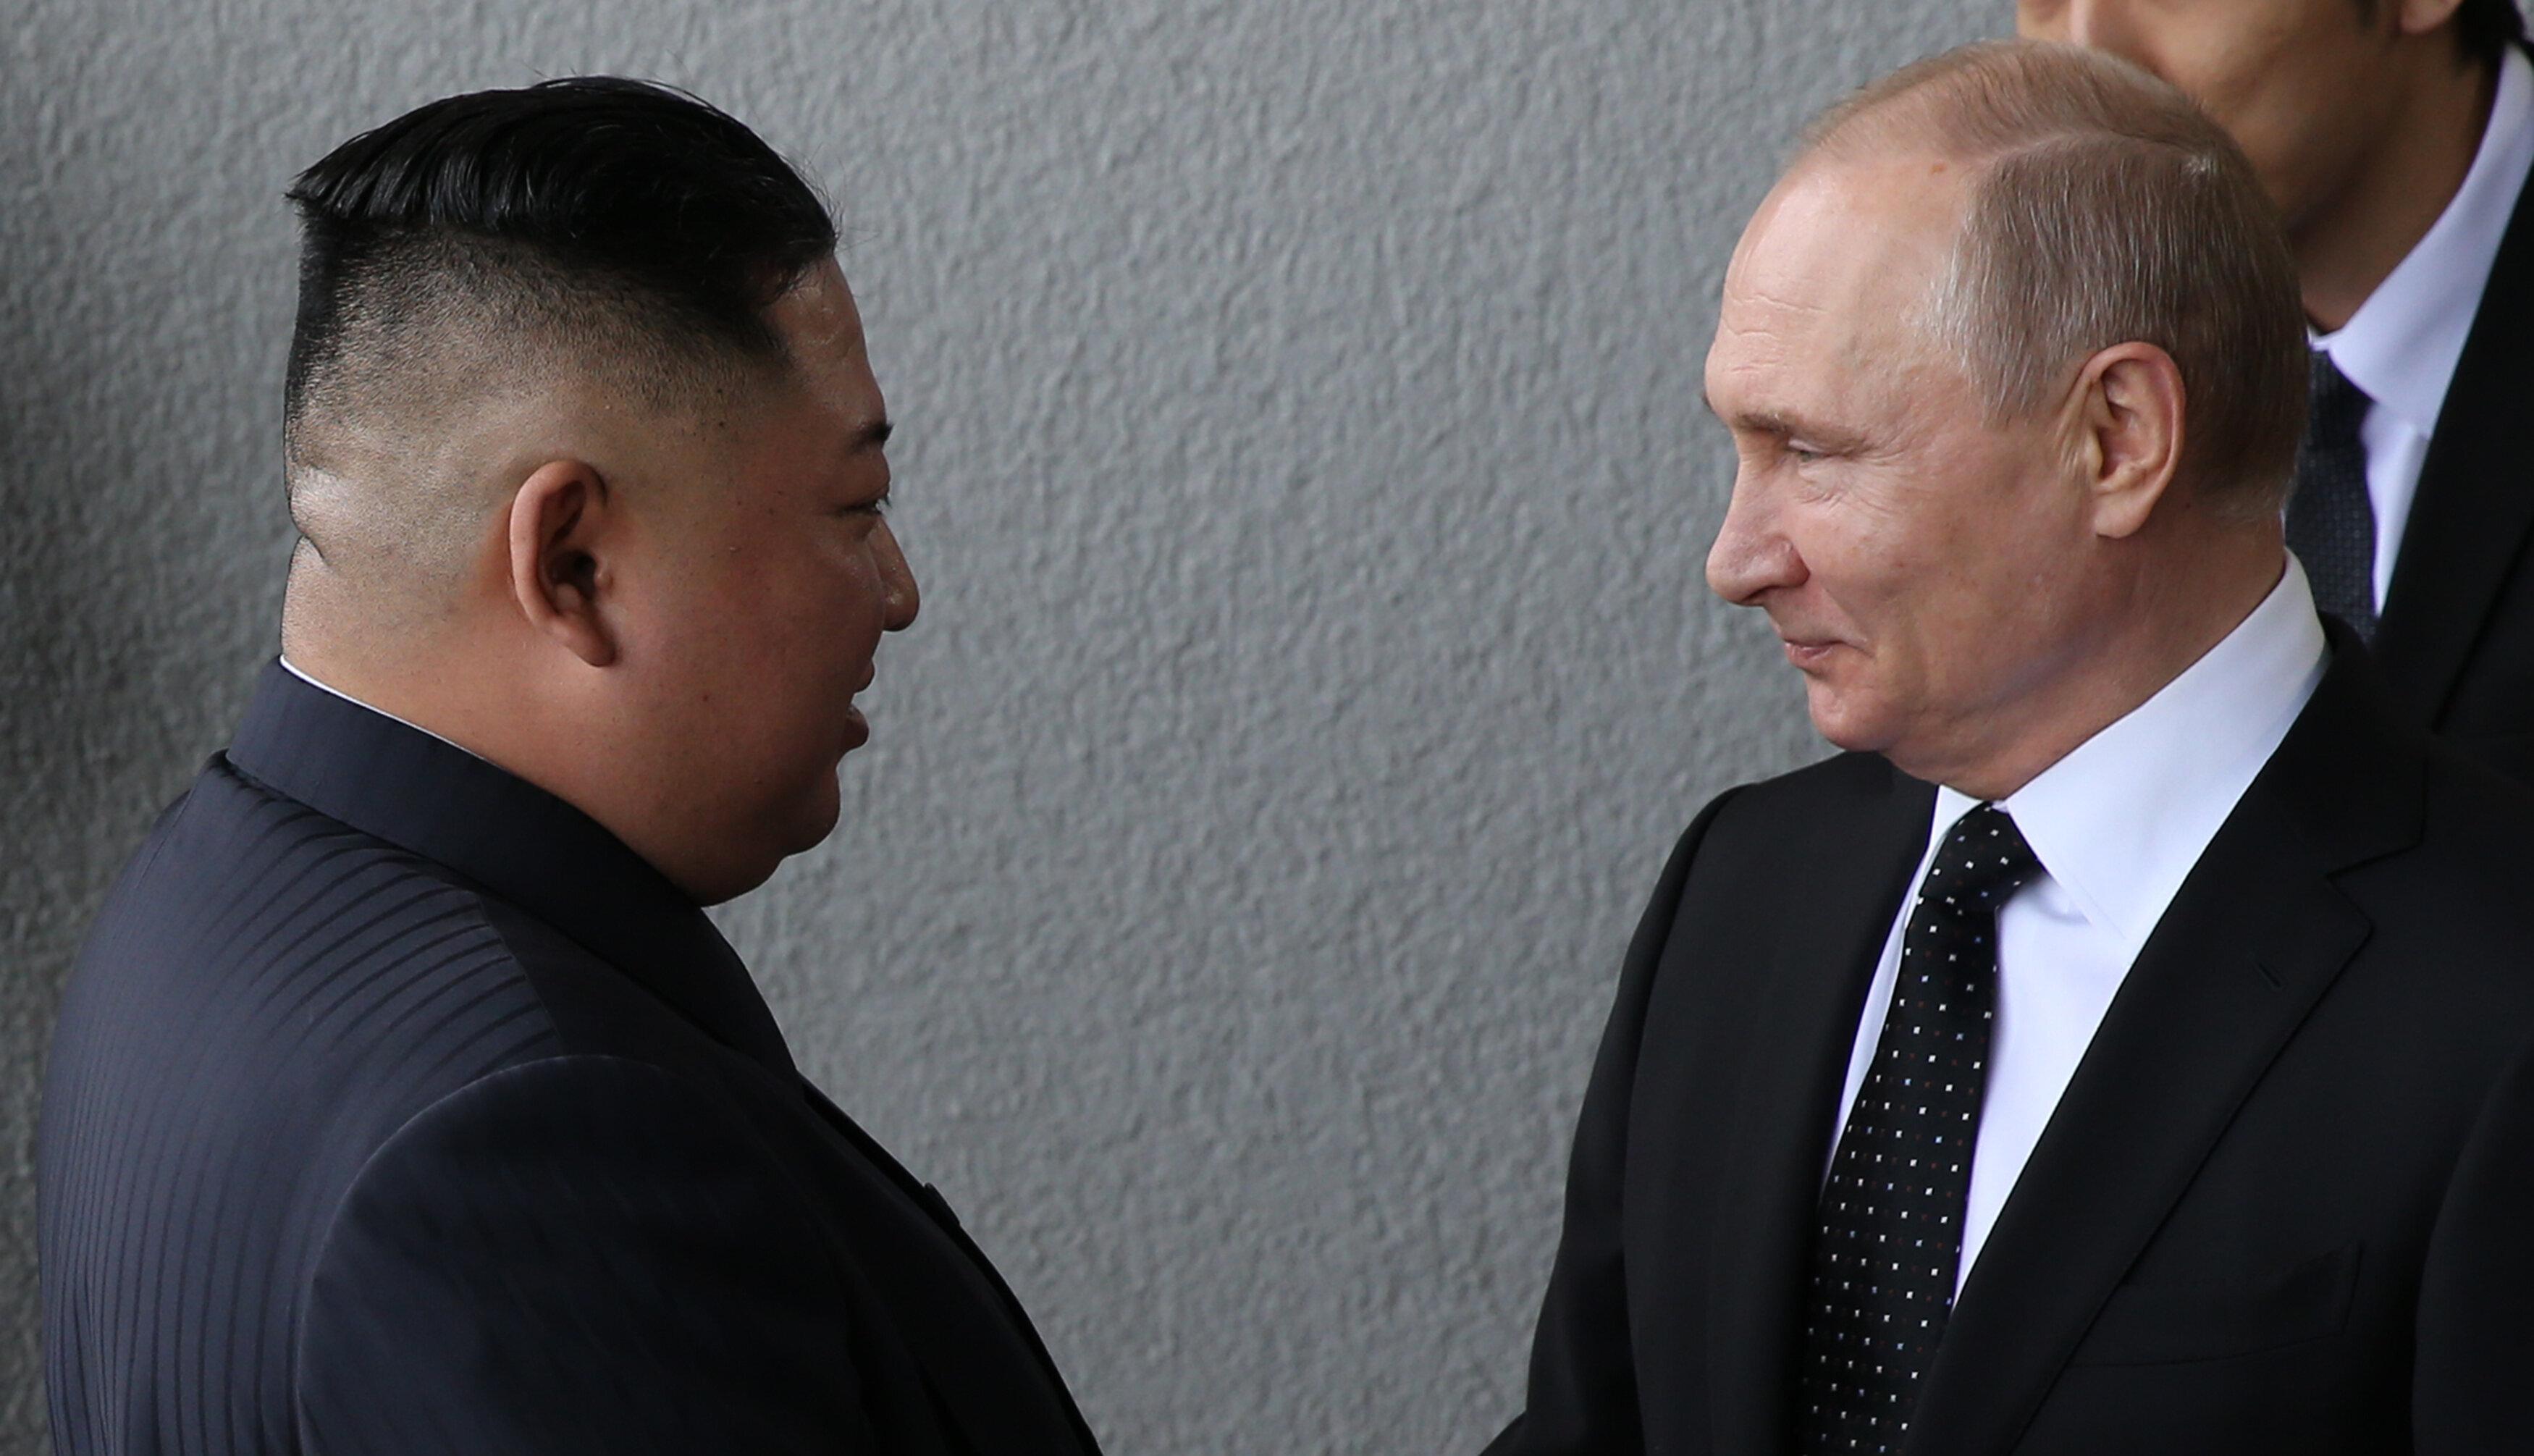 김정은이 러시아에 공식적으로 비핵화 협상의 '우군'이 될 것을 요청하고